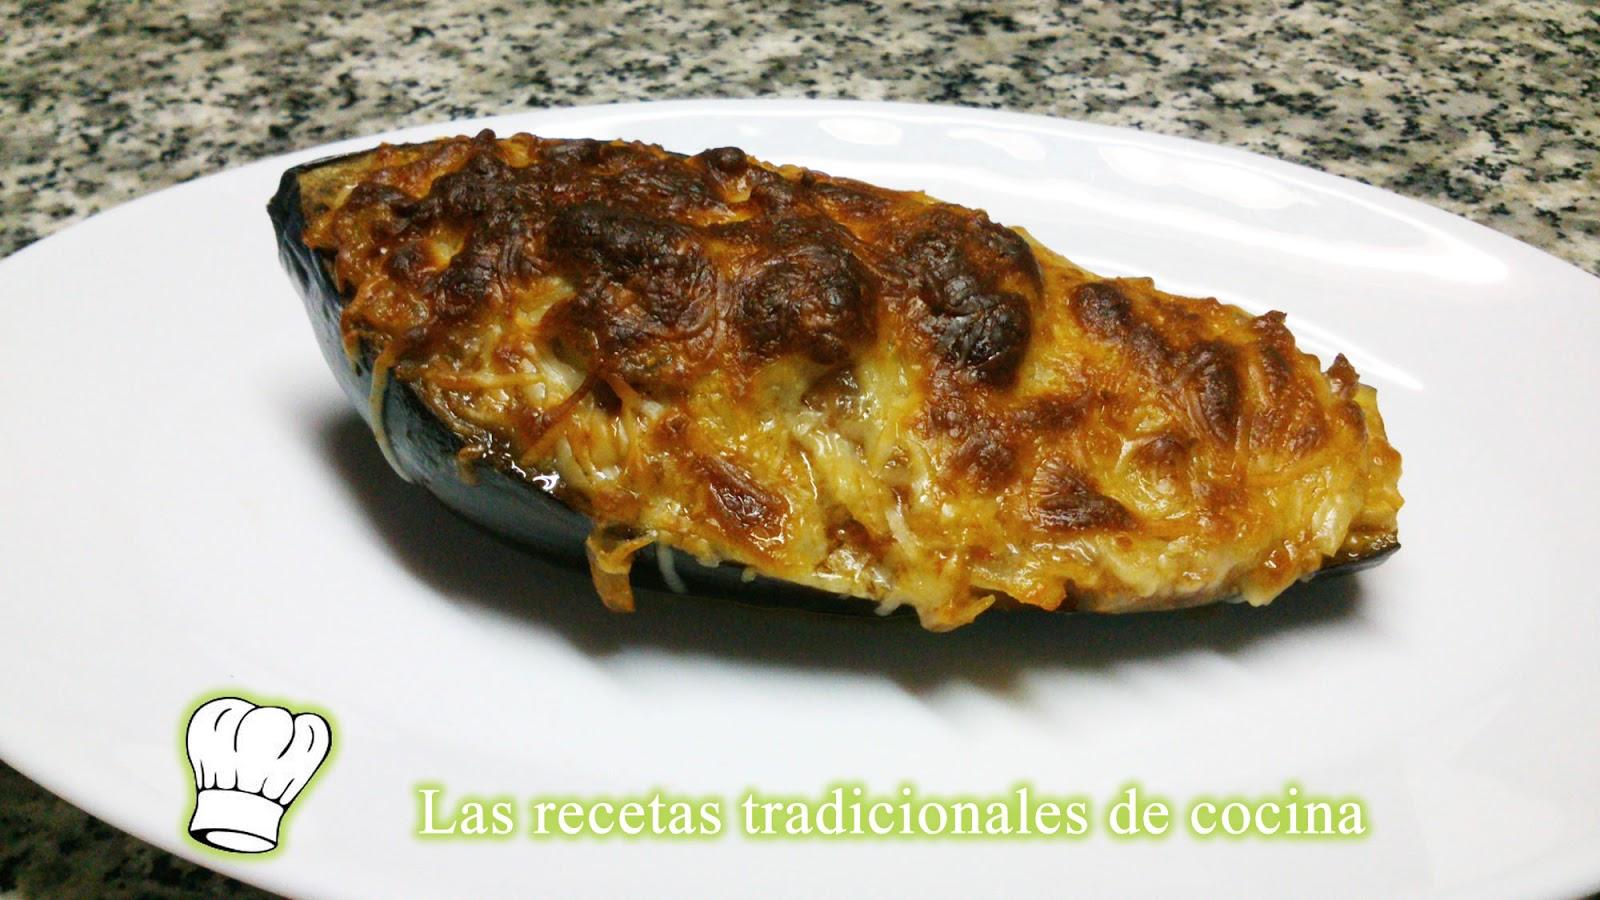 Receta de berenjenas rellenas de carne recetas de cocina - Berenjena rellena de carne ...